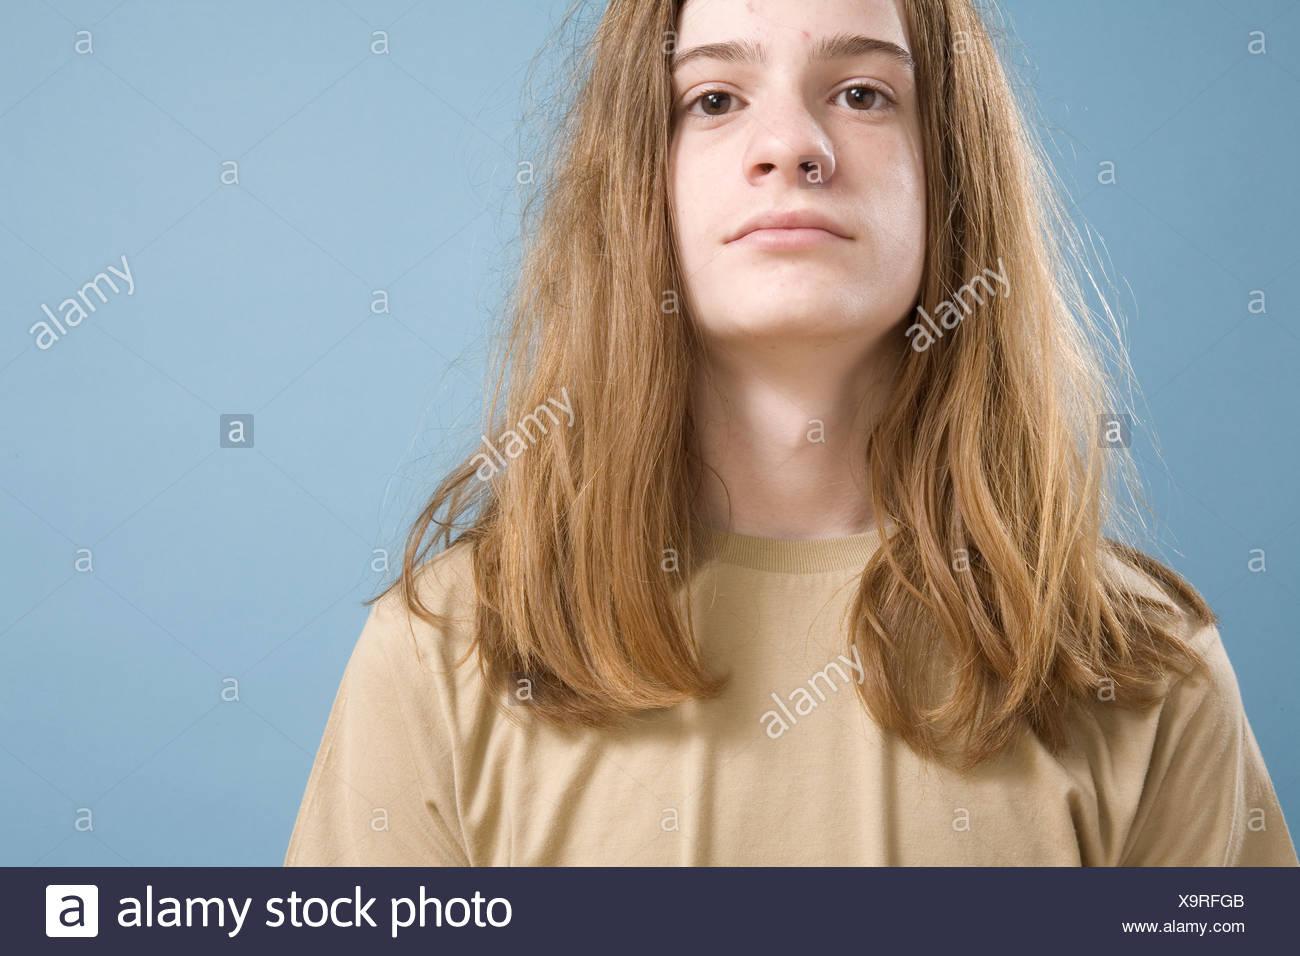 Teen Boys With Long Hair Stock Photos & Teen Boys With